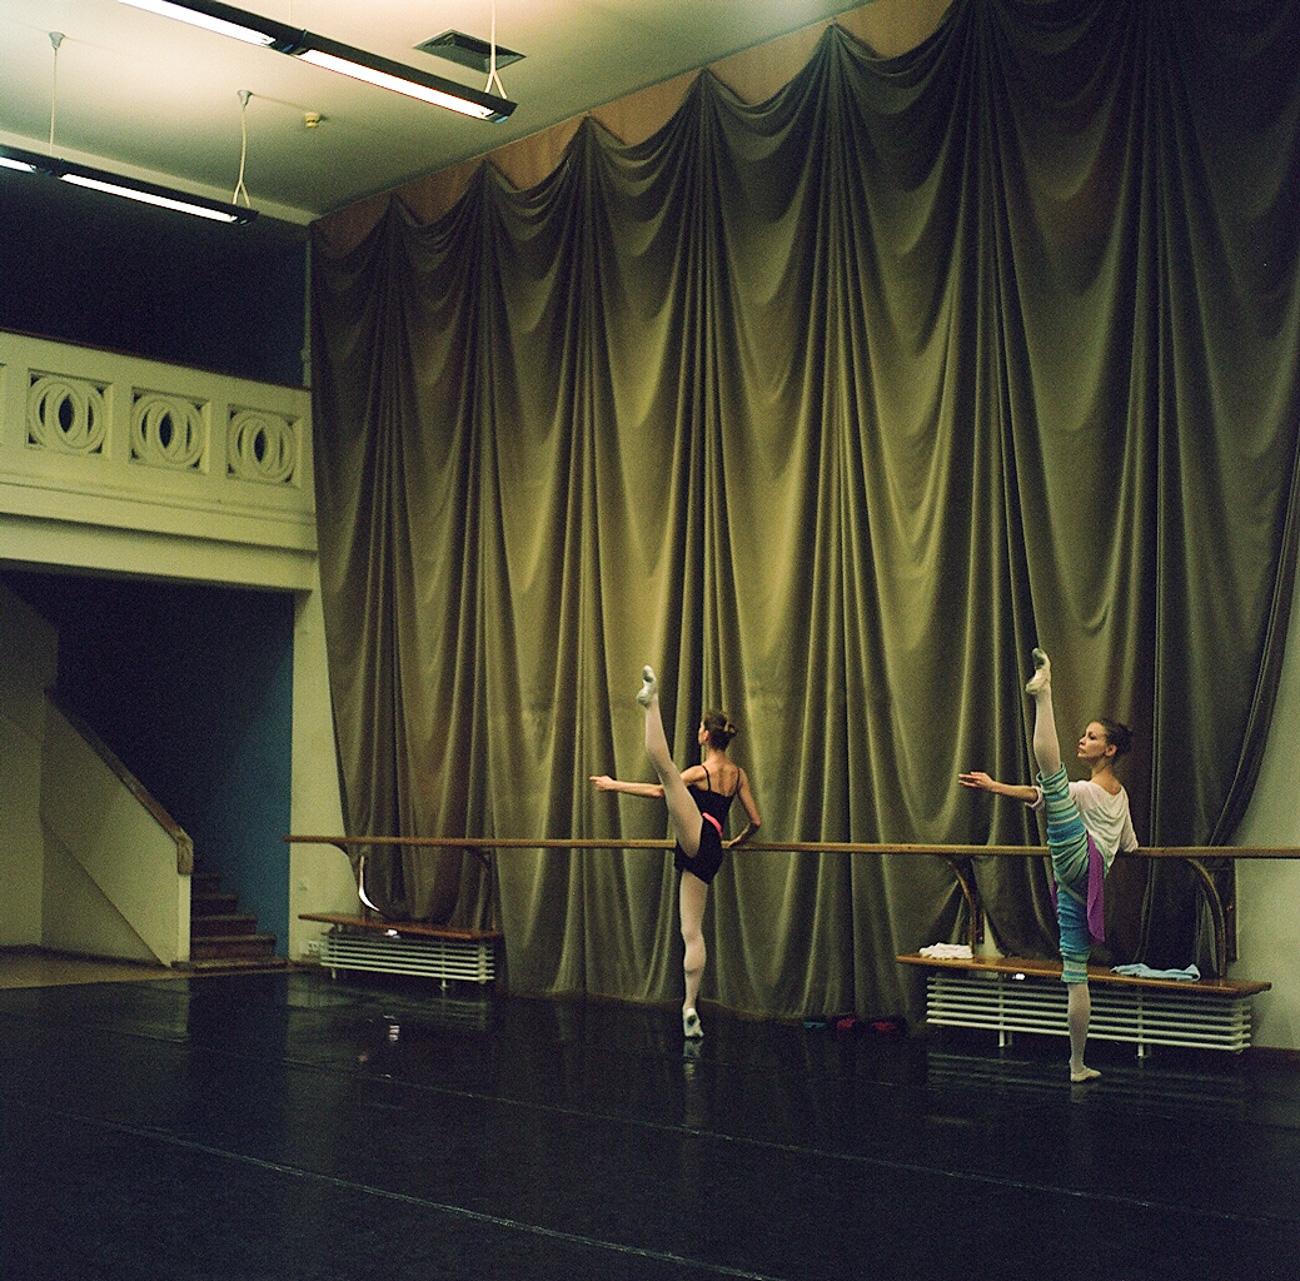 Il Teatro Boshoj, fondato nel 1776, porta in scena i grandi classici del balletto, come lo Schiaccianoci e Il lago dei cigni